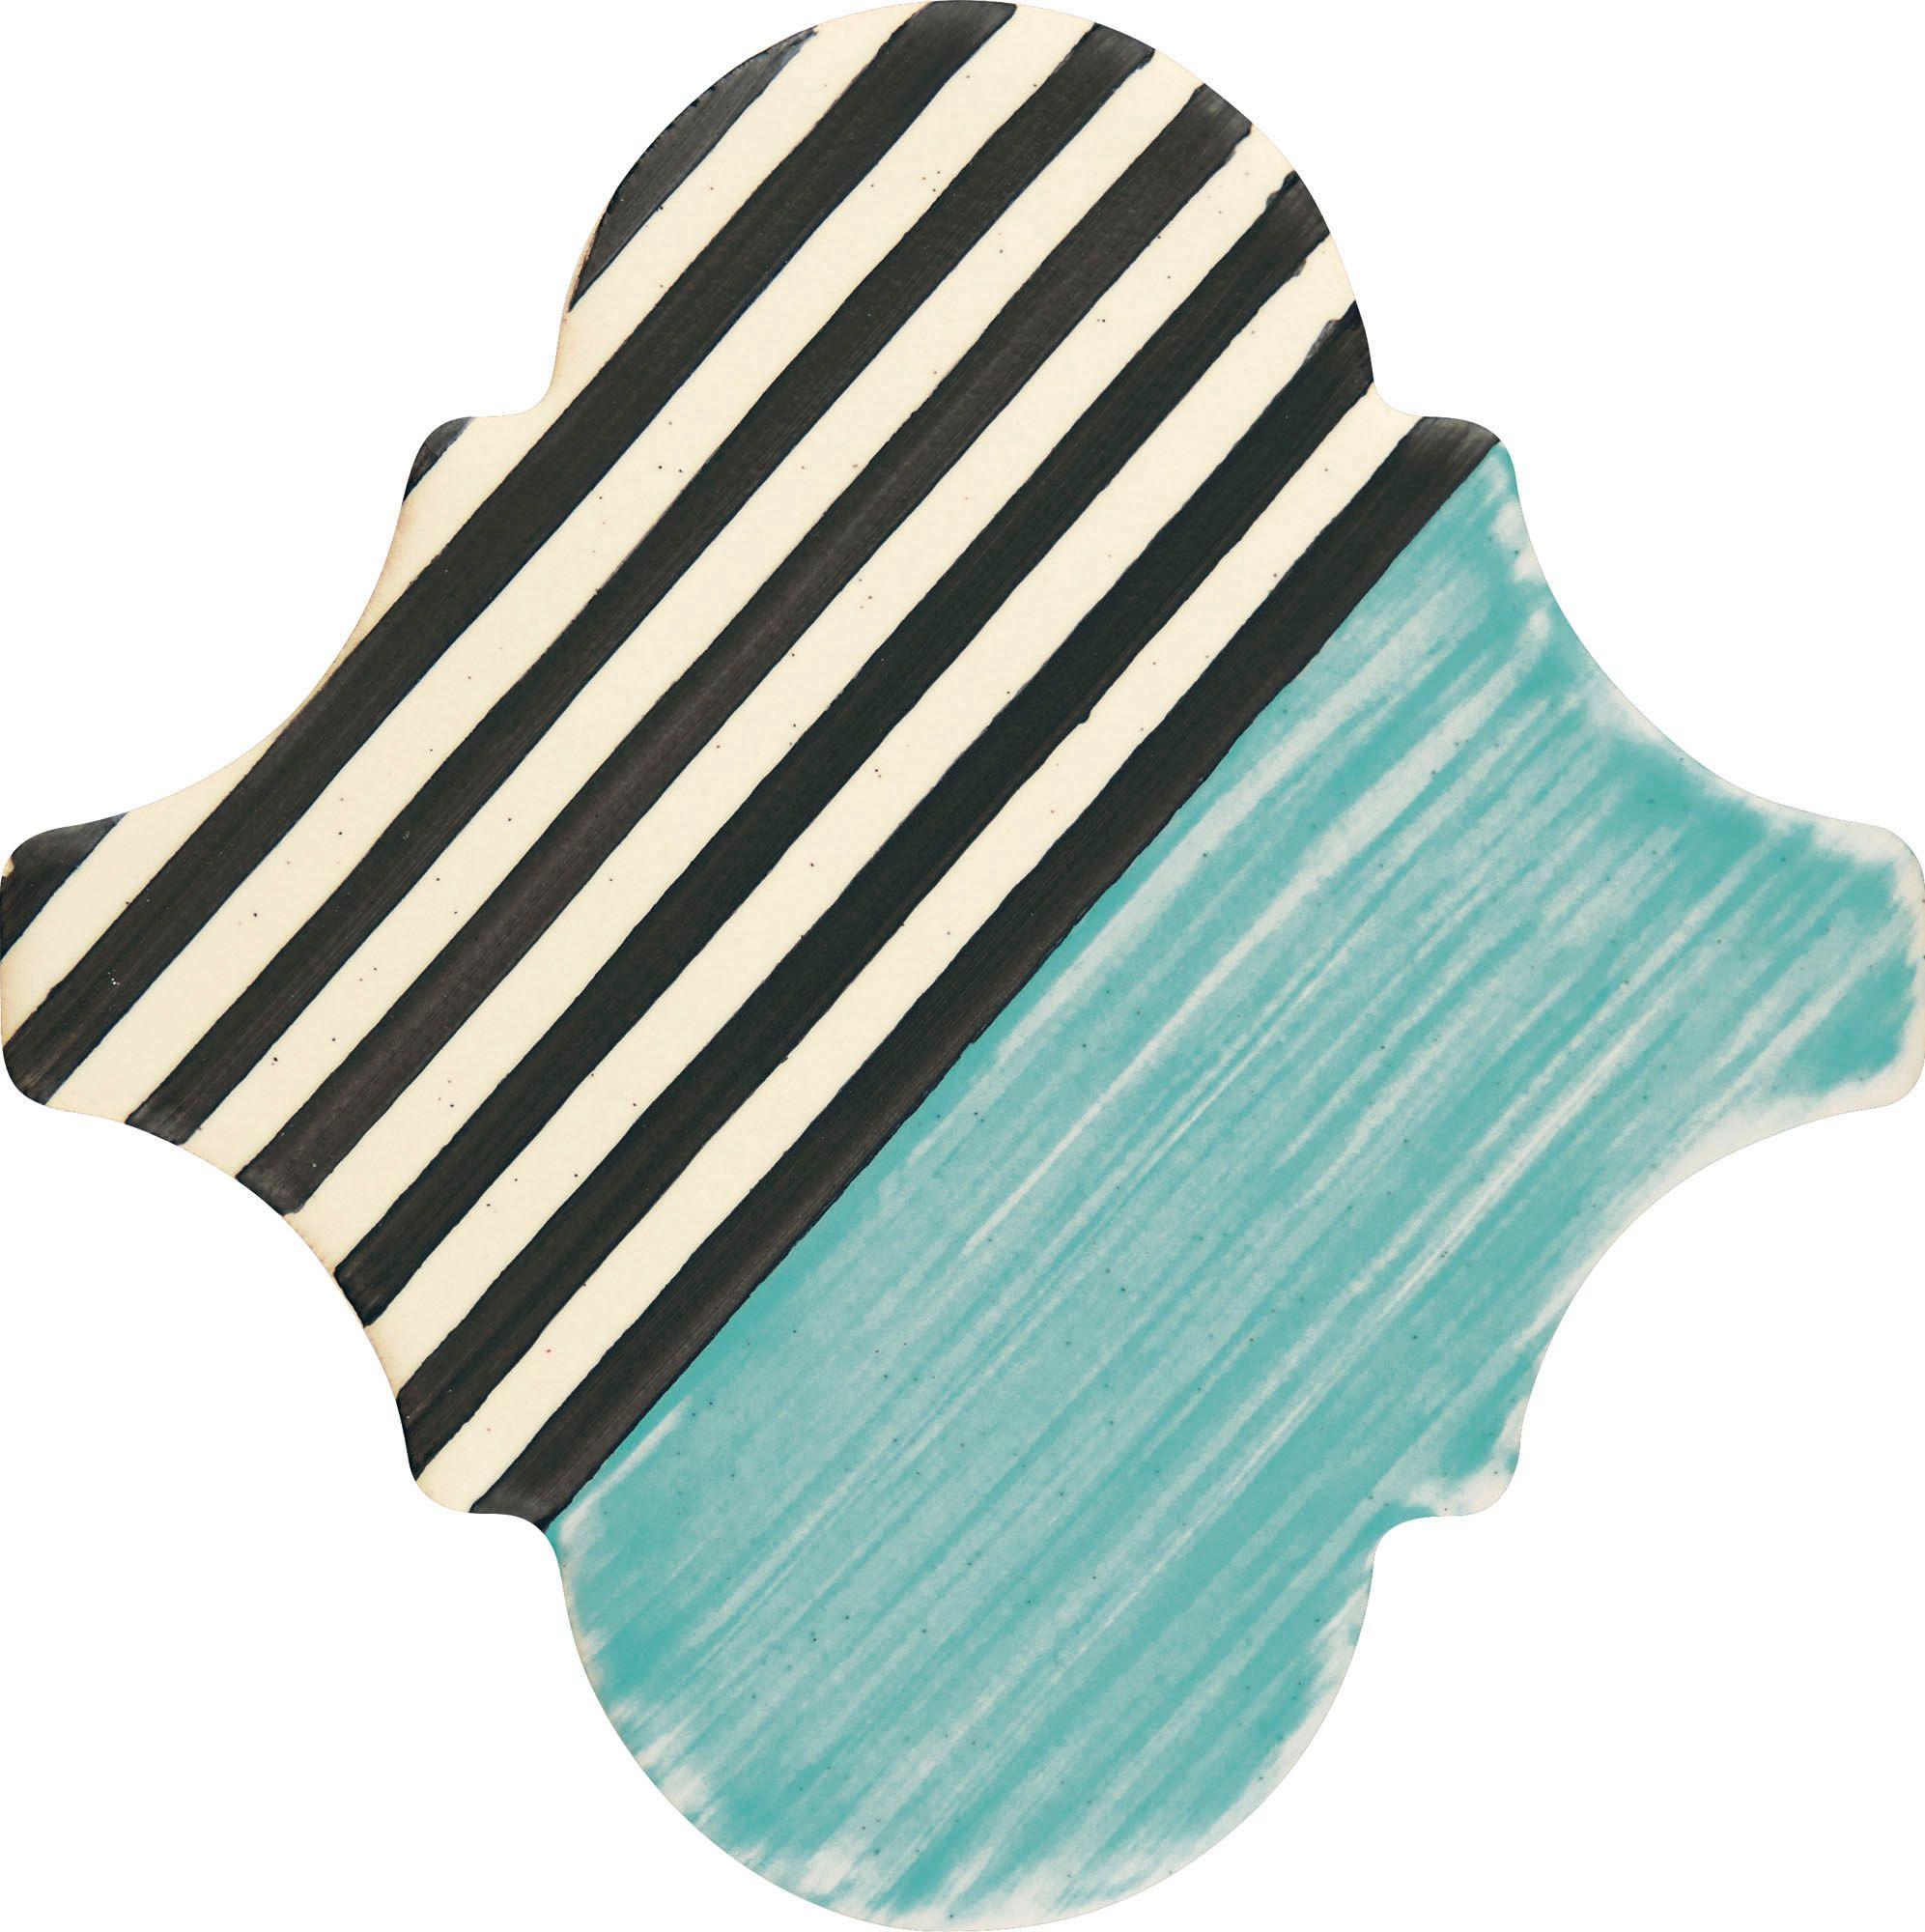 PF010 Color Art Blue Stripes Arabesque